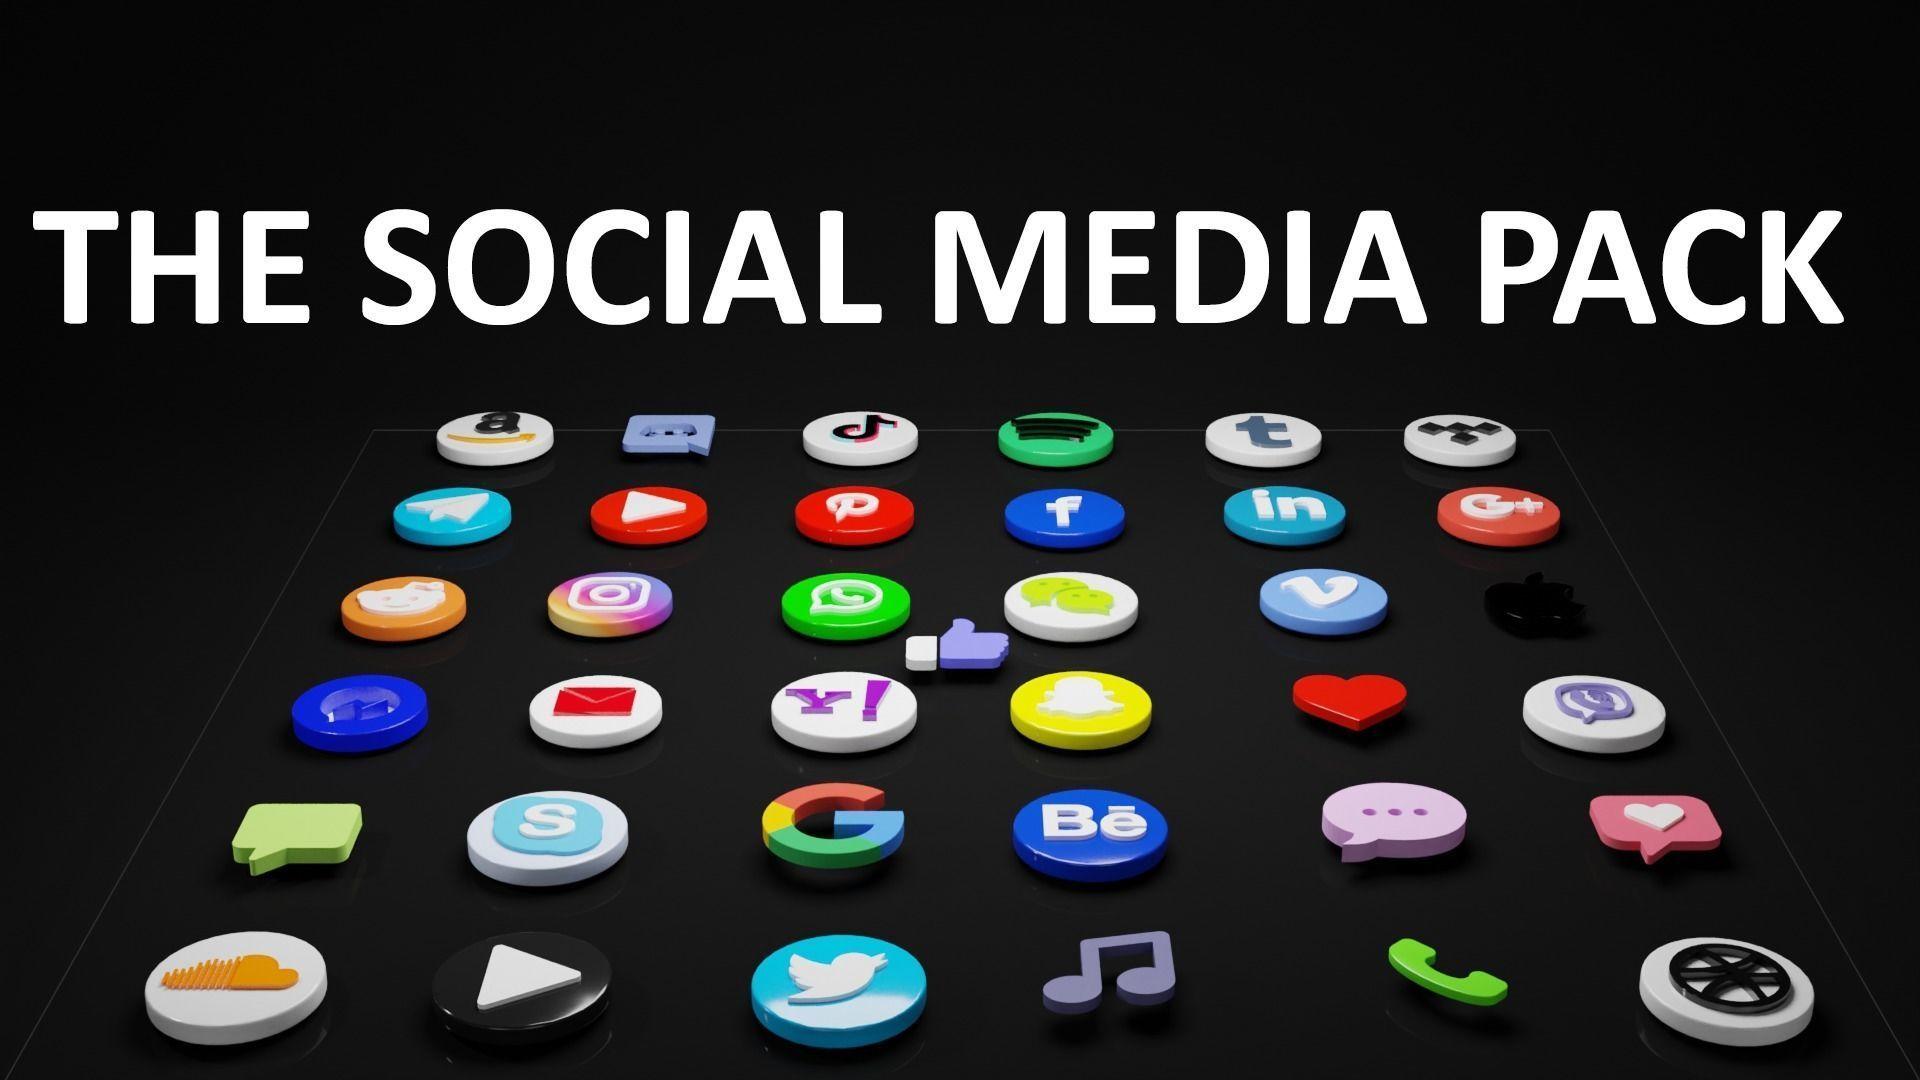 THE SOCIAL MEDIA PACK